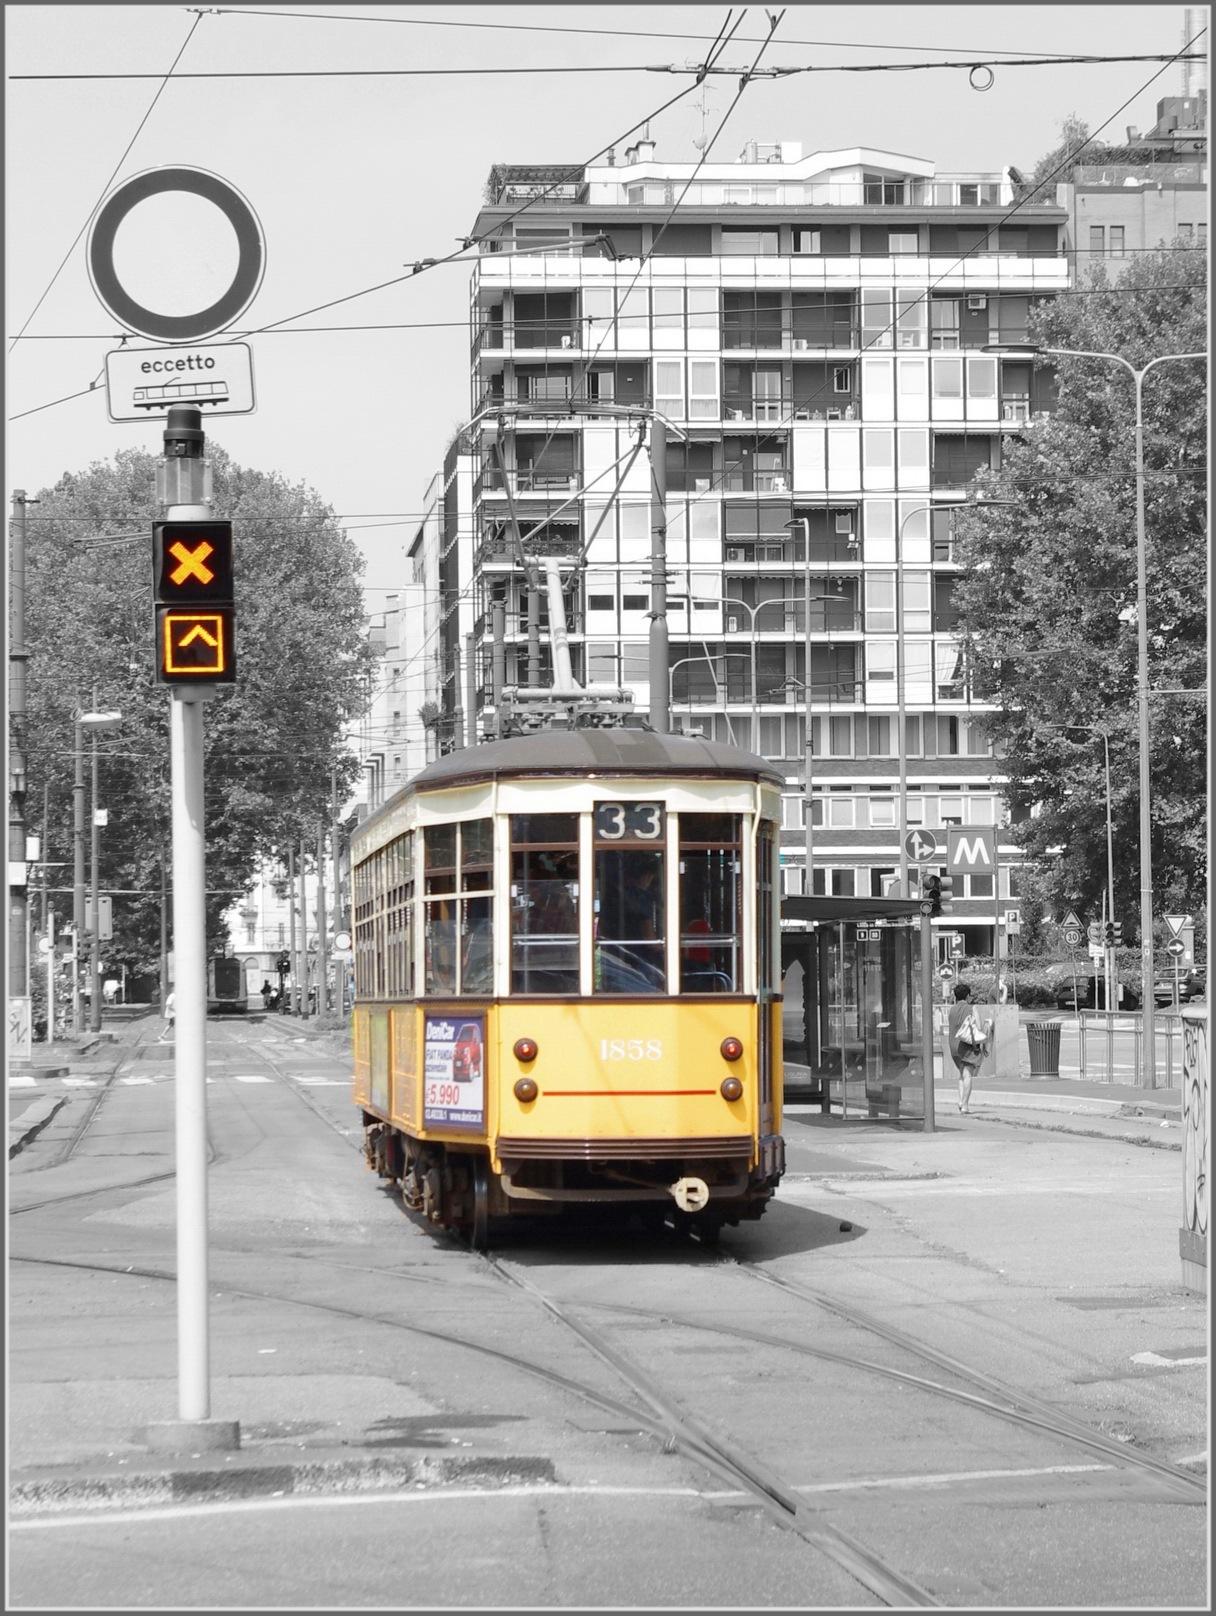 Tram numero 33. by Panov_Nikolay